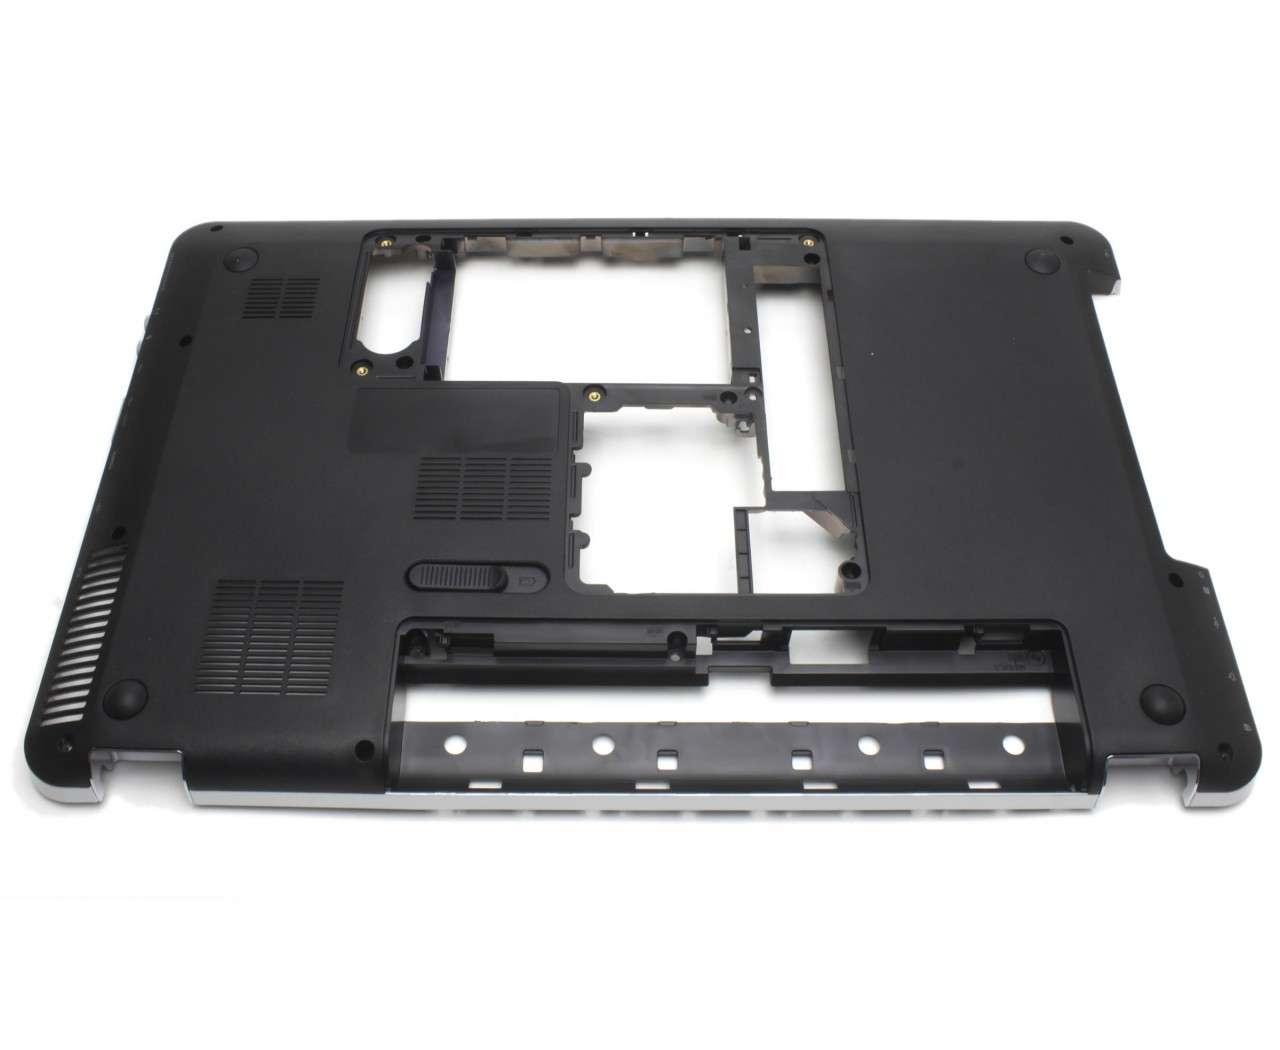 Bottom Case HP 603689 001 Carcasa Inferioara Neagra imagine powerlaptop.ro 2021